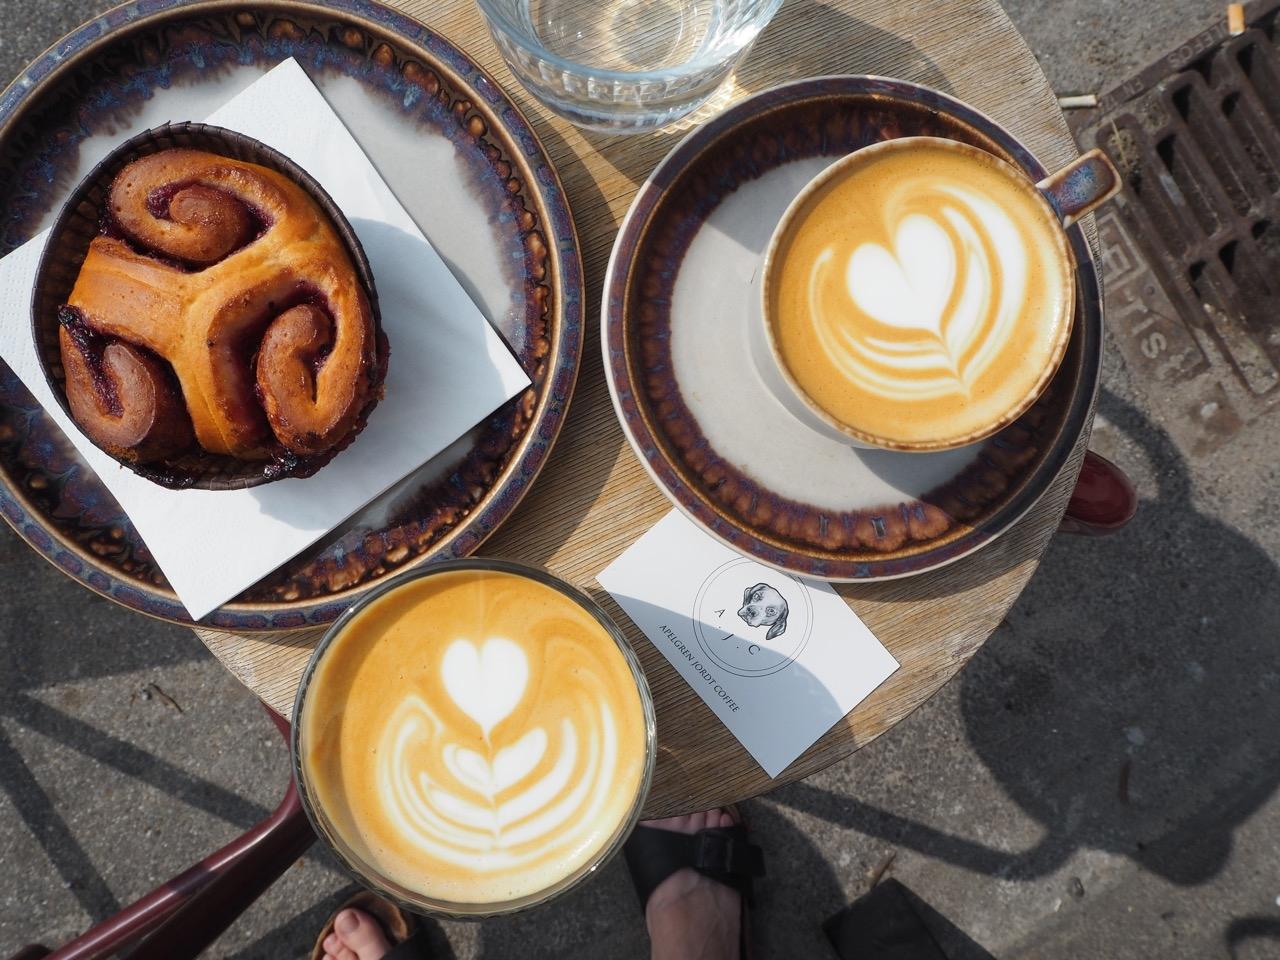 Apelgren_jordt_coffee